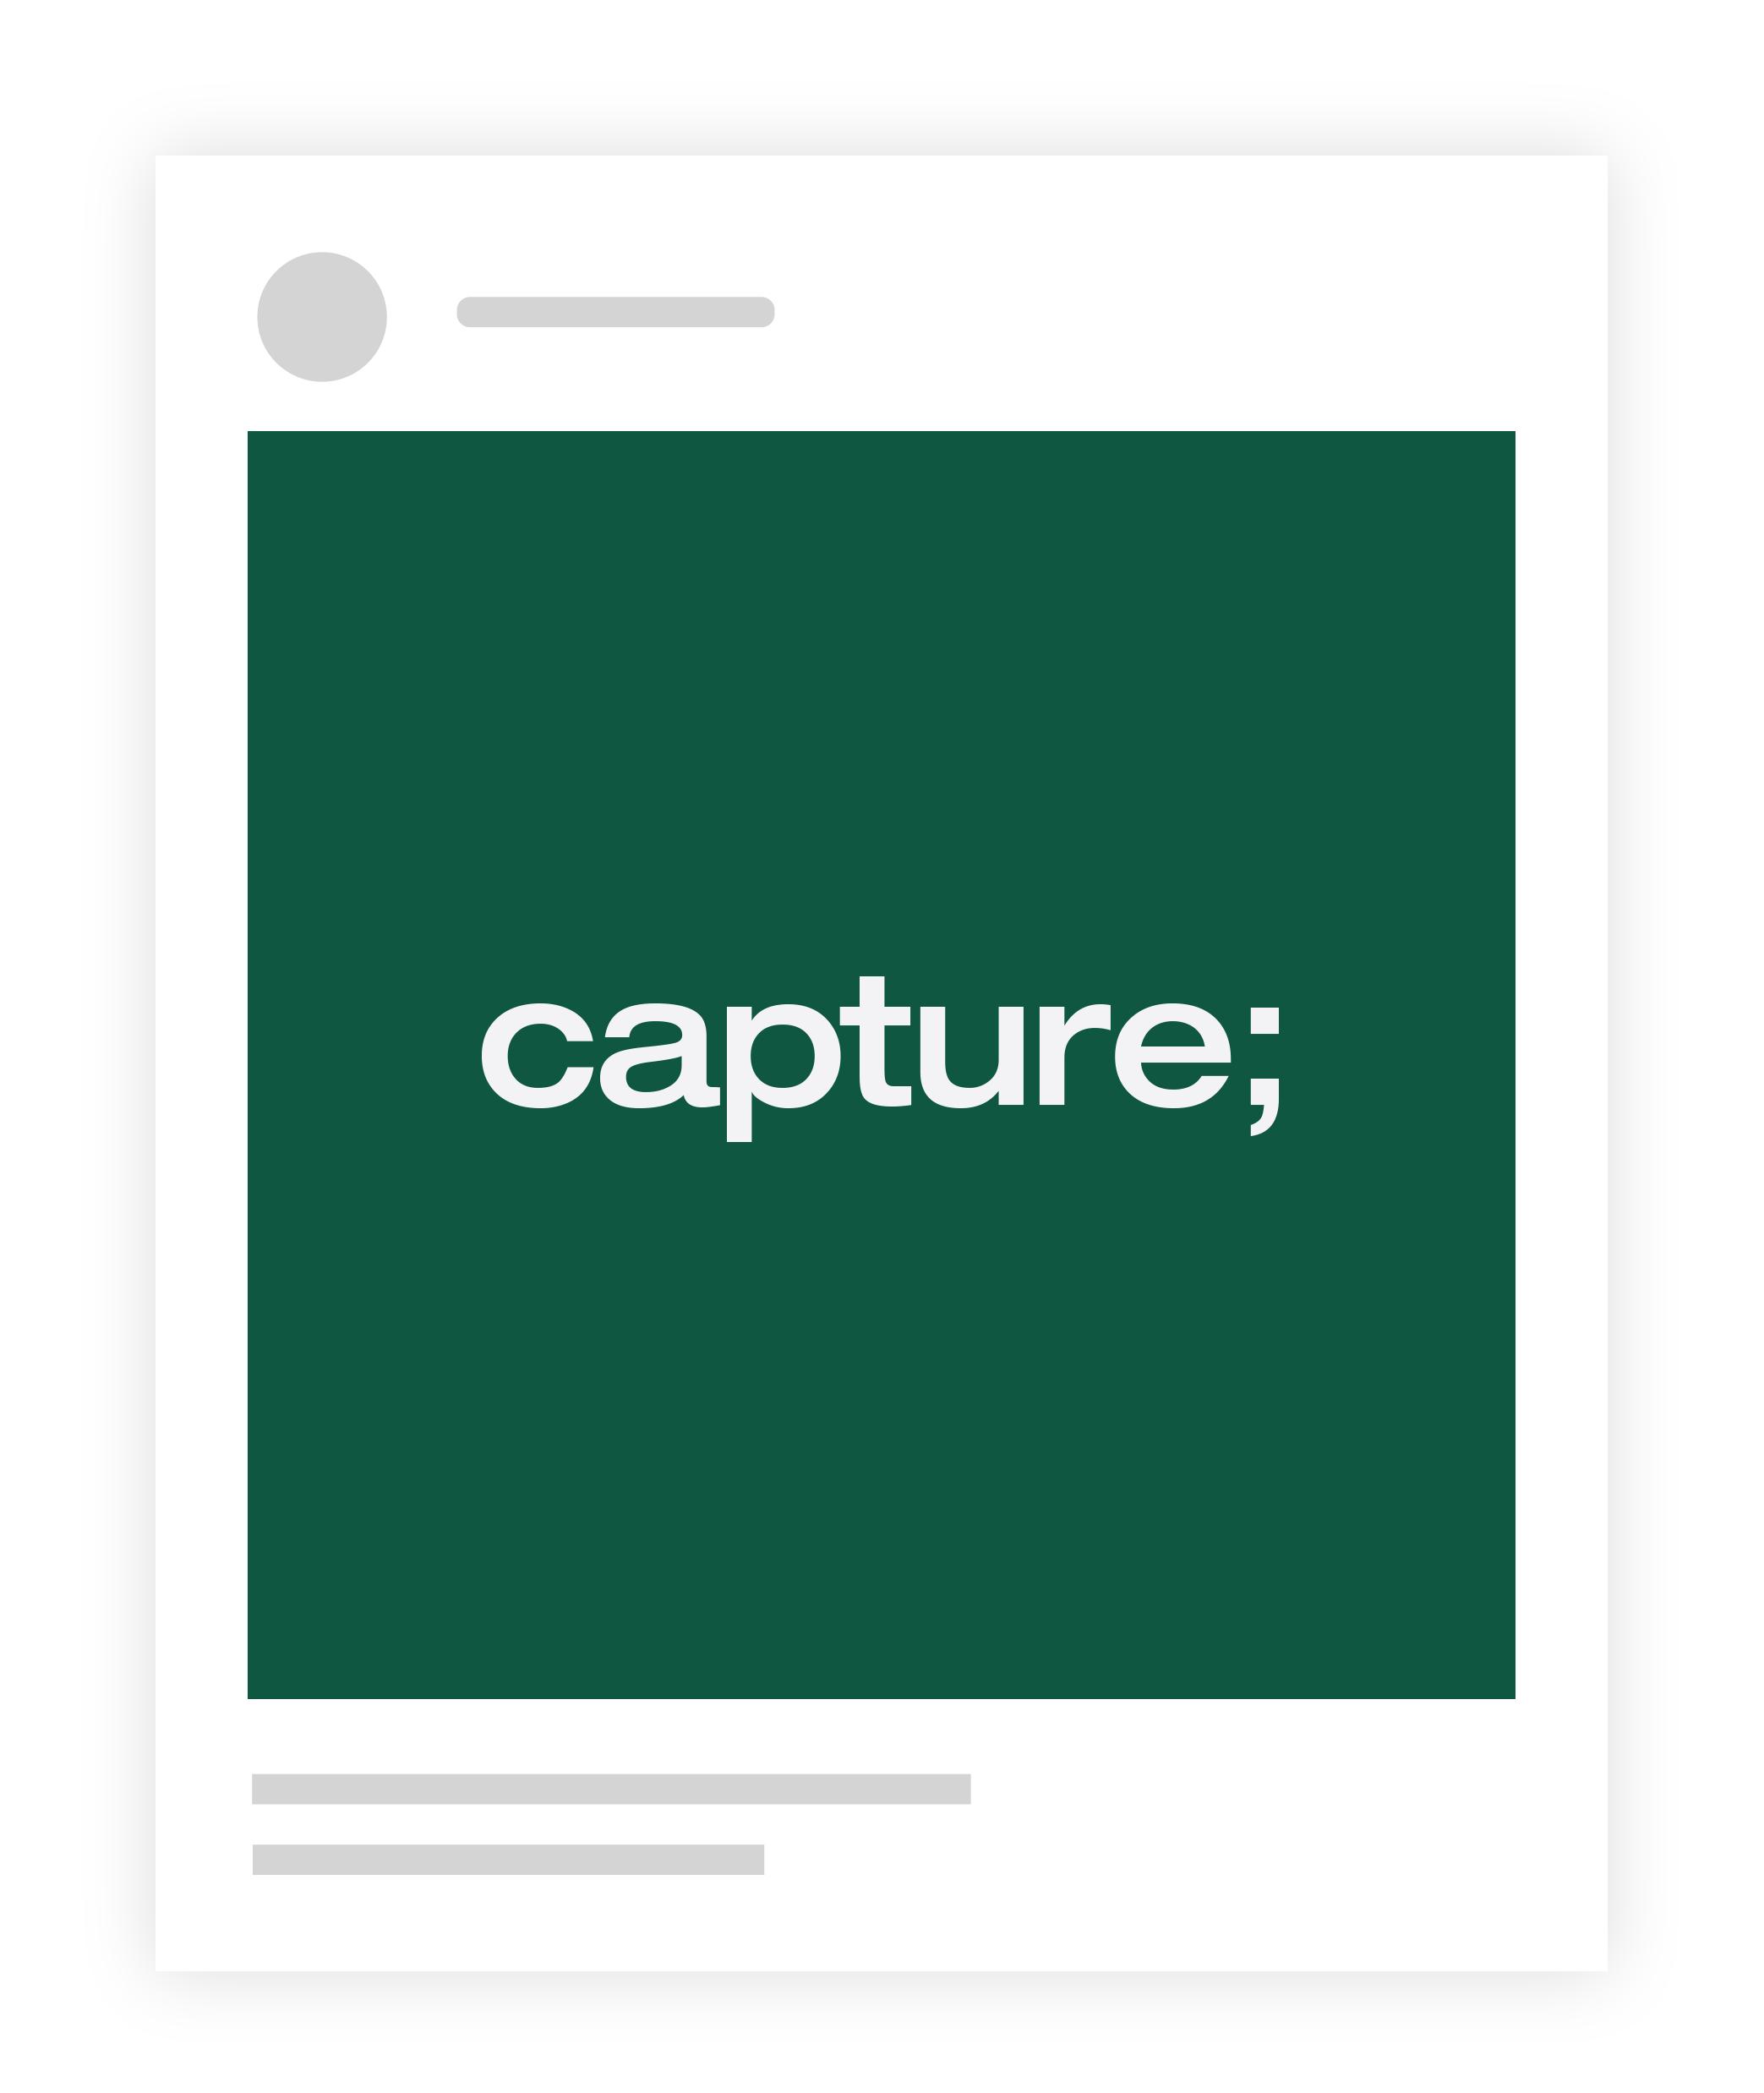 capture-insta-post-flat-mockup-1